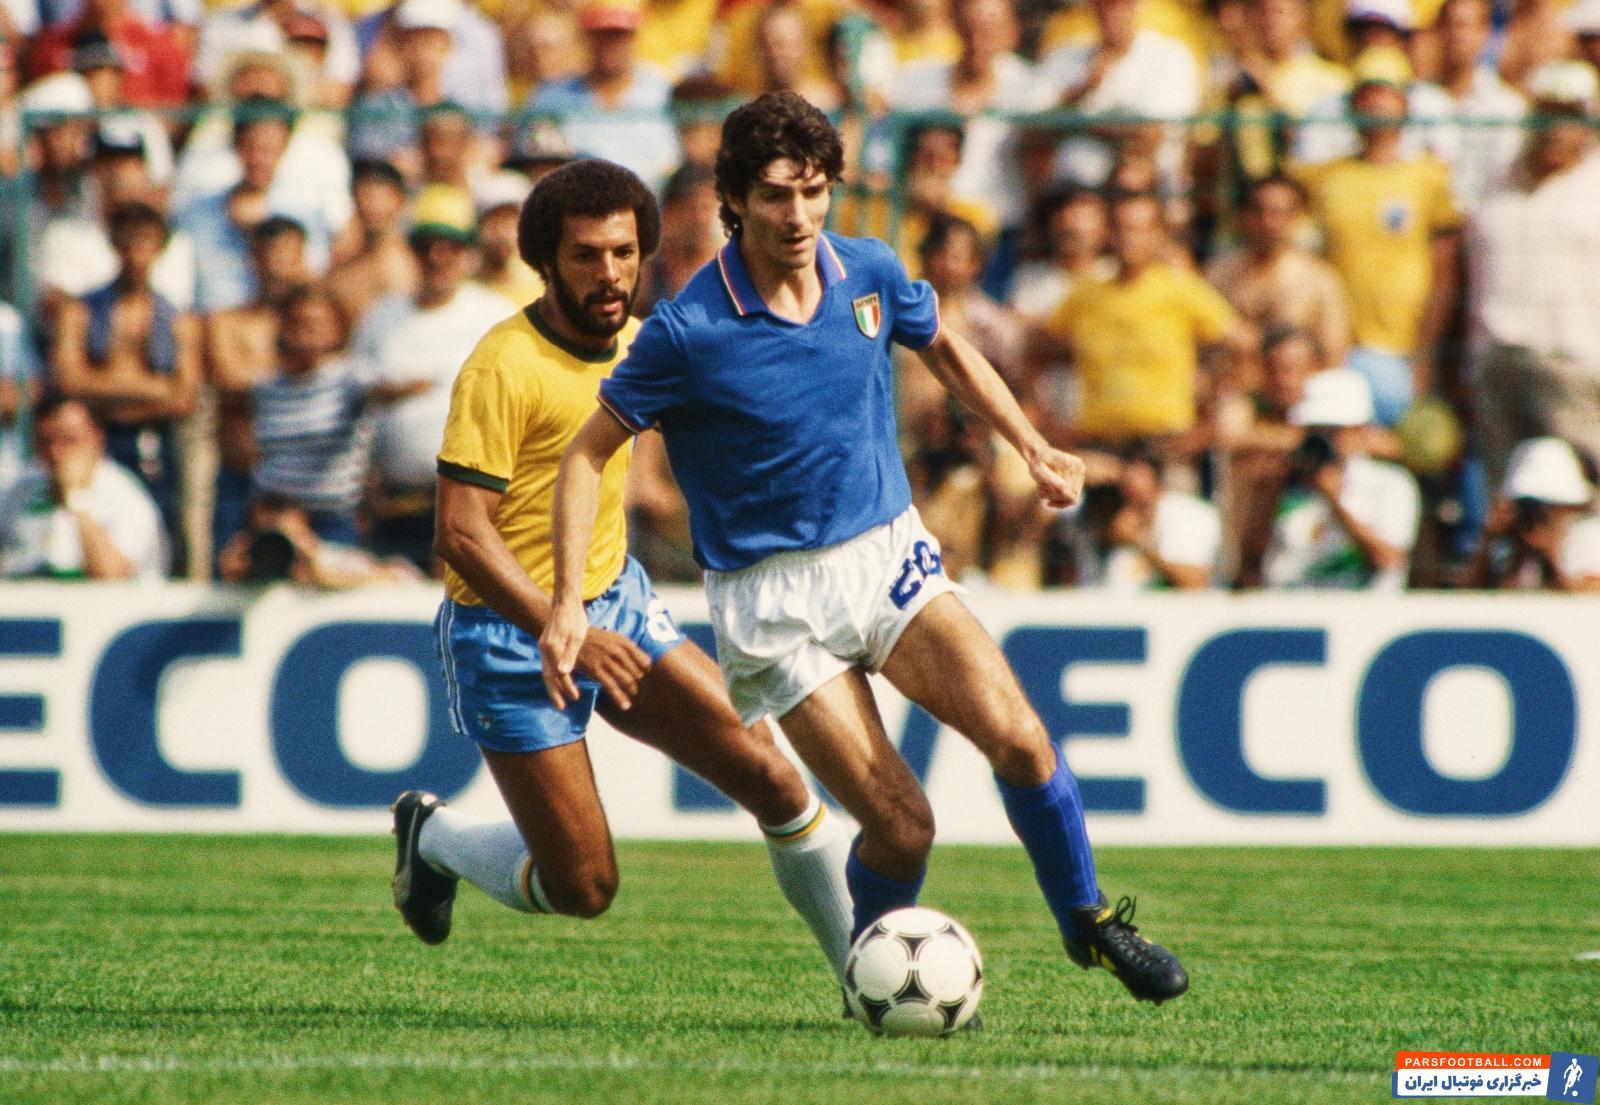 شوک دوباره به دنیای فوتبال ؛ اسطوره ایتالیایی ها در گذشت